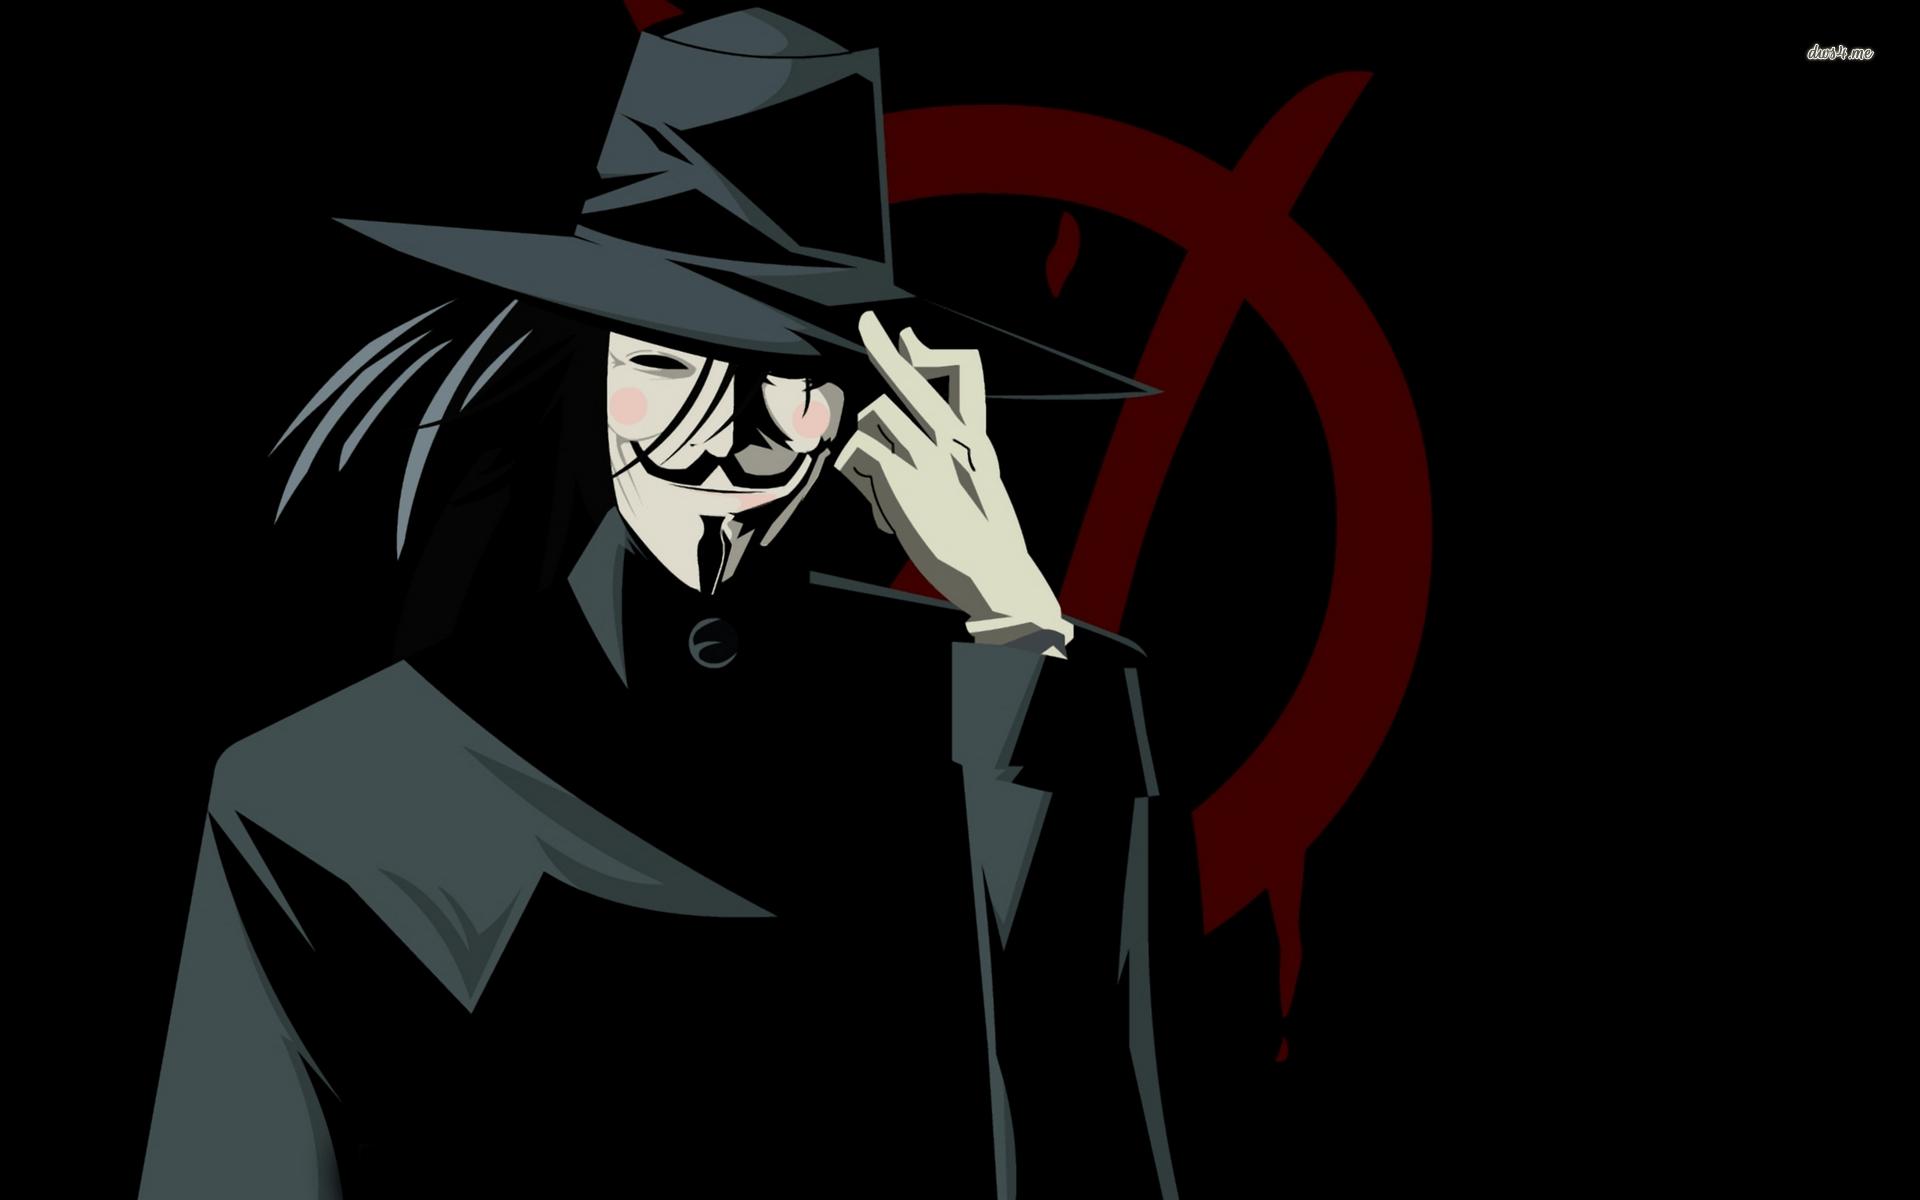 V For Vendetta Wallpapers 1920x1200